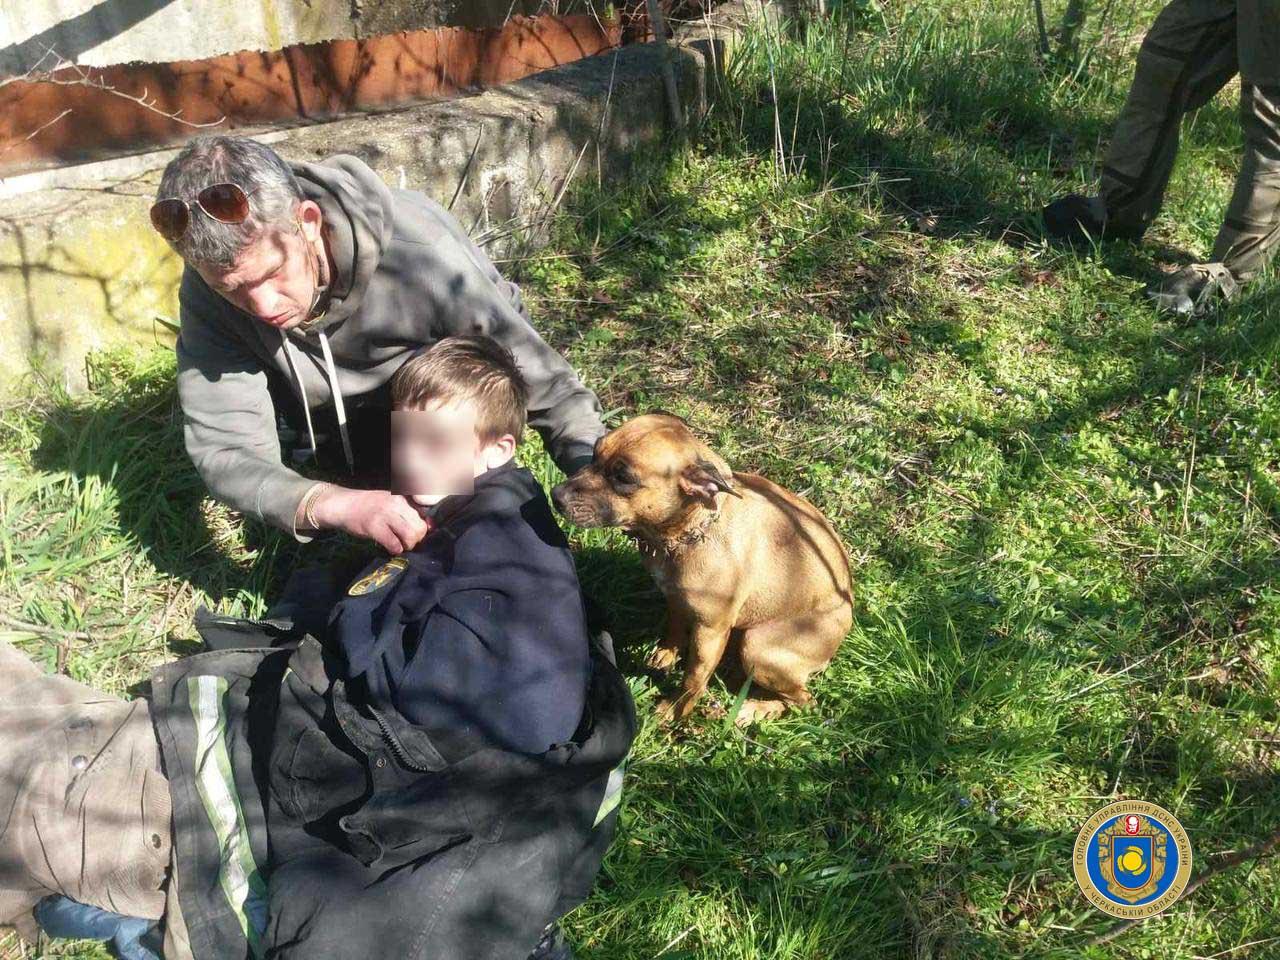 На Черкащині чоловік і дитина опинилися в резервуарі з водою, рятуючи песика